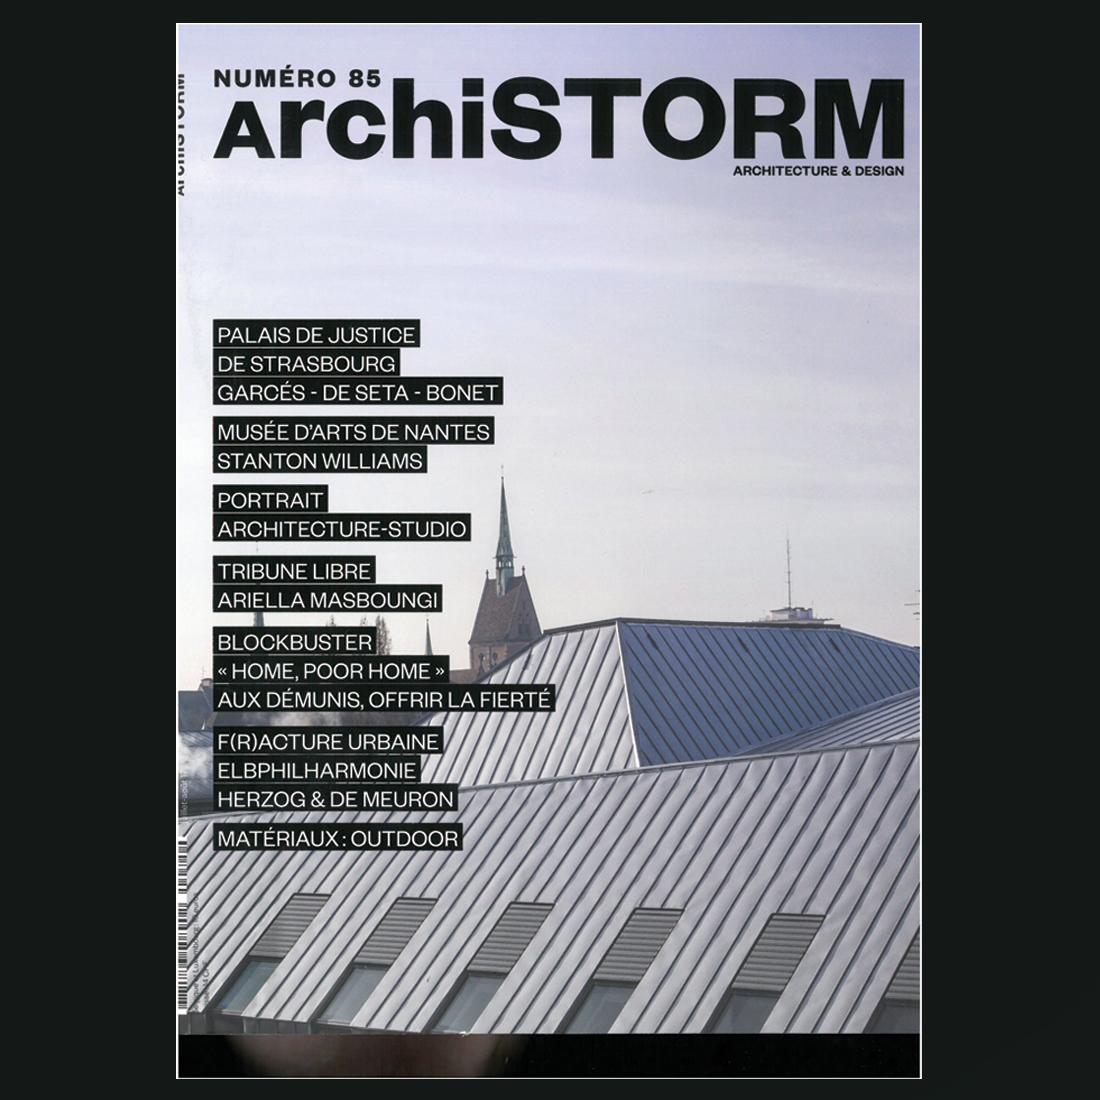 archiSTORM N°85 | Brenac & Gonzalez et Associés